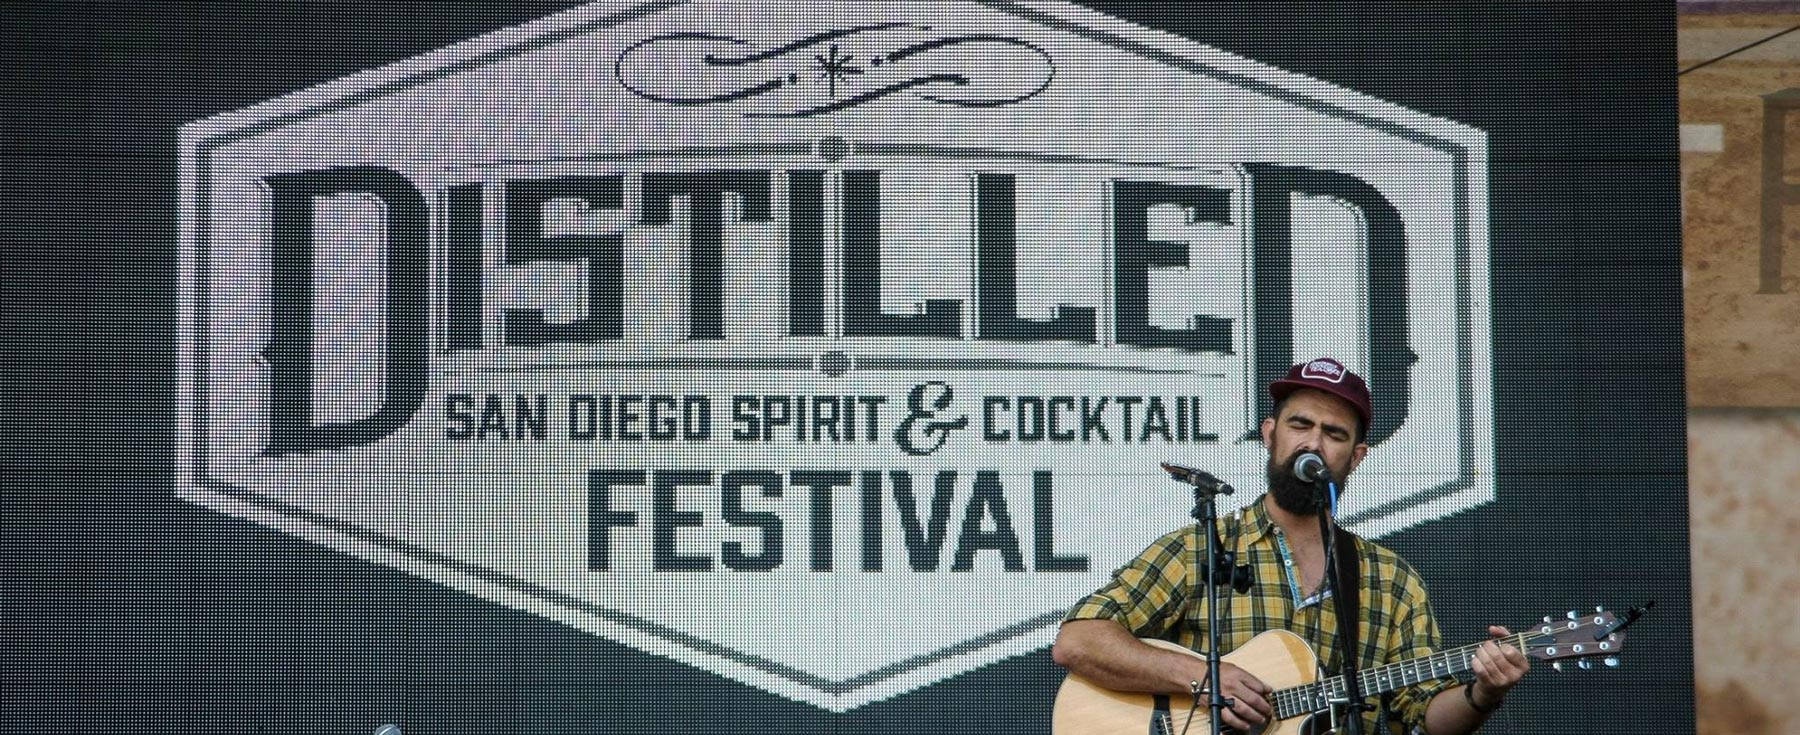 Distilled: San Diego Spirit & Cocktail Festival